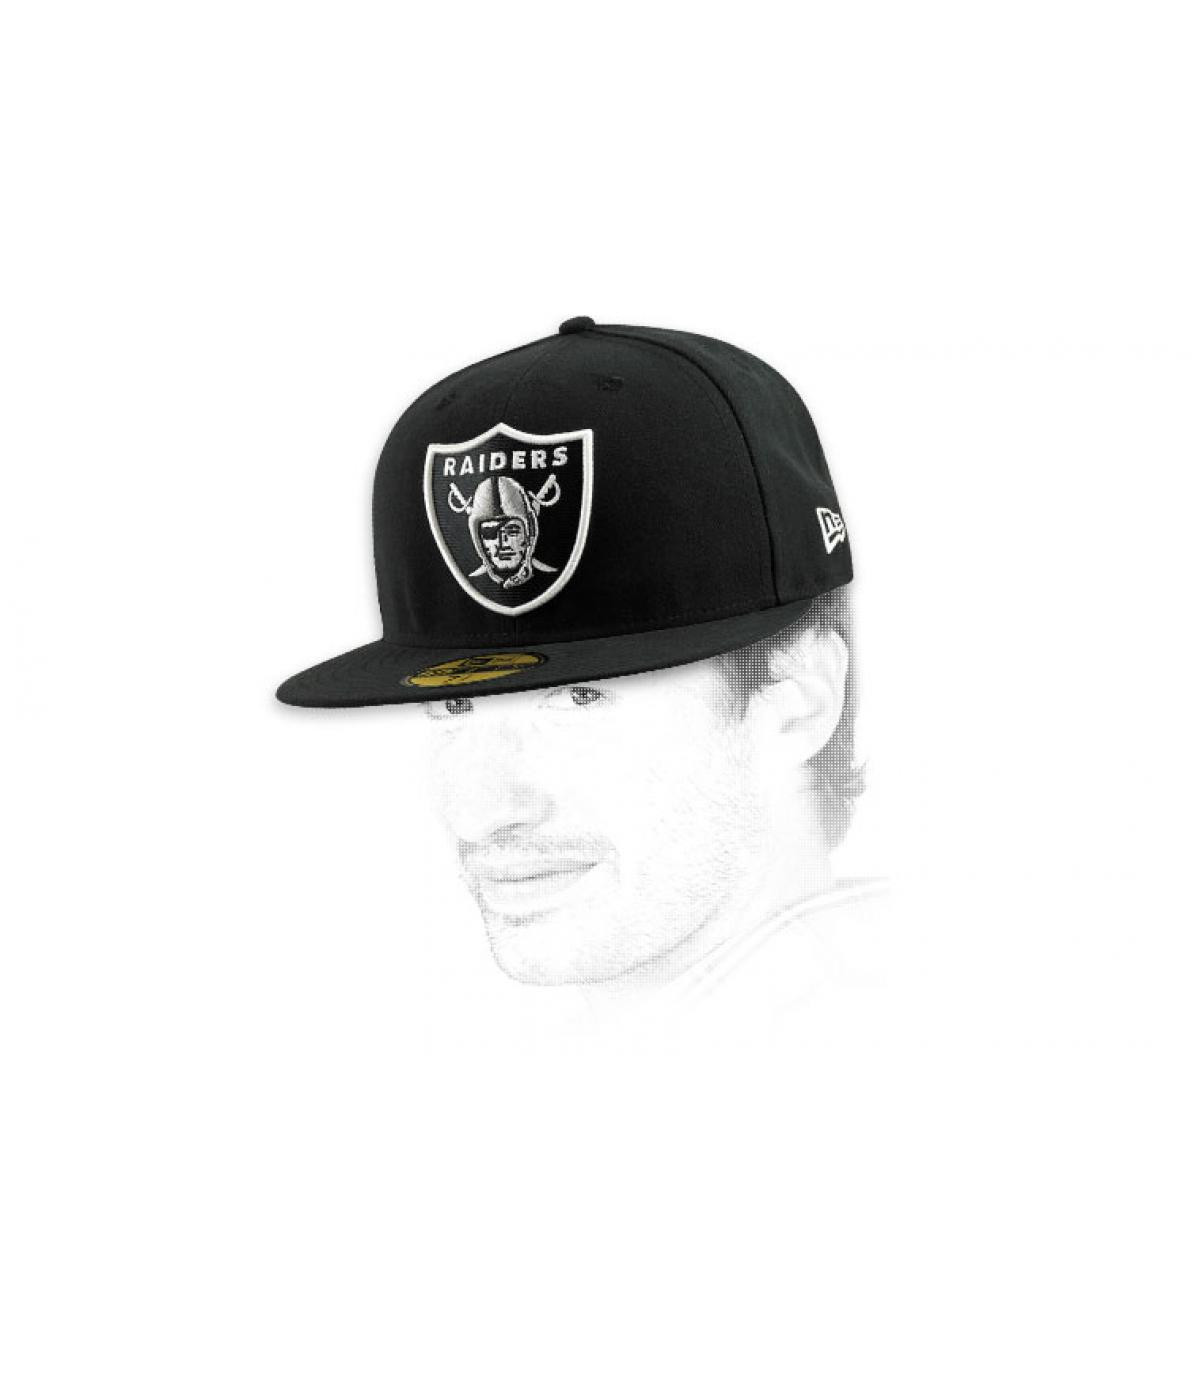 Cap Raiders NFL